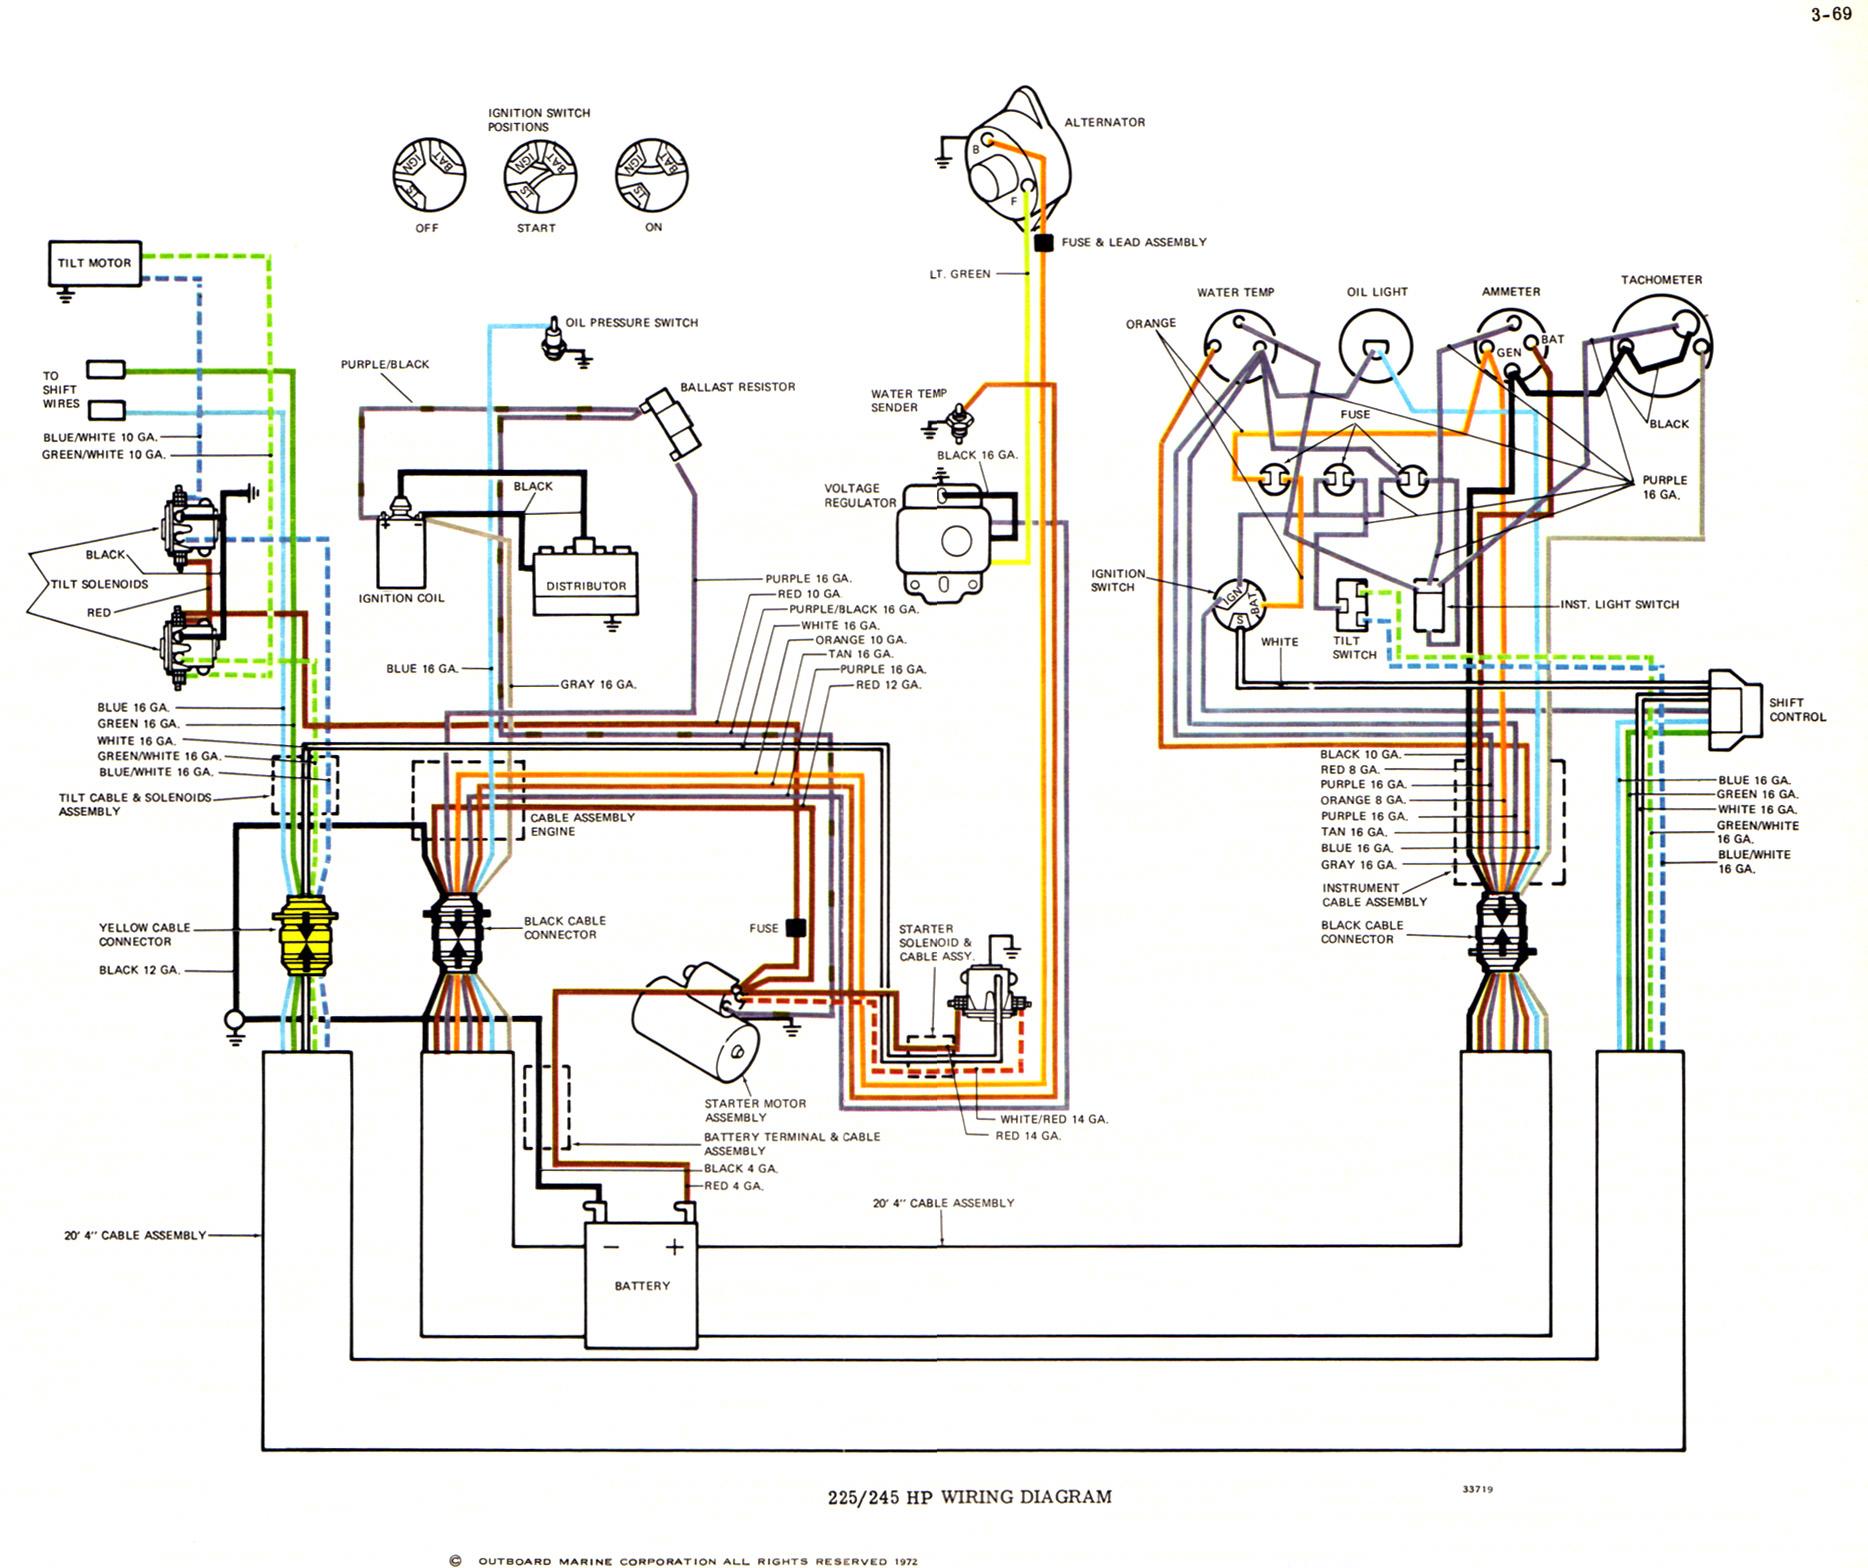 2008 150hp Suzuki Wiring Schematics - Wiring Diagram Data pen-build -  pen-build.portorhoca.it | 2008 150hp Suzuki Wiring Schematics |  | pen-build.portorhoca.it